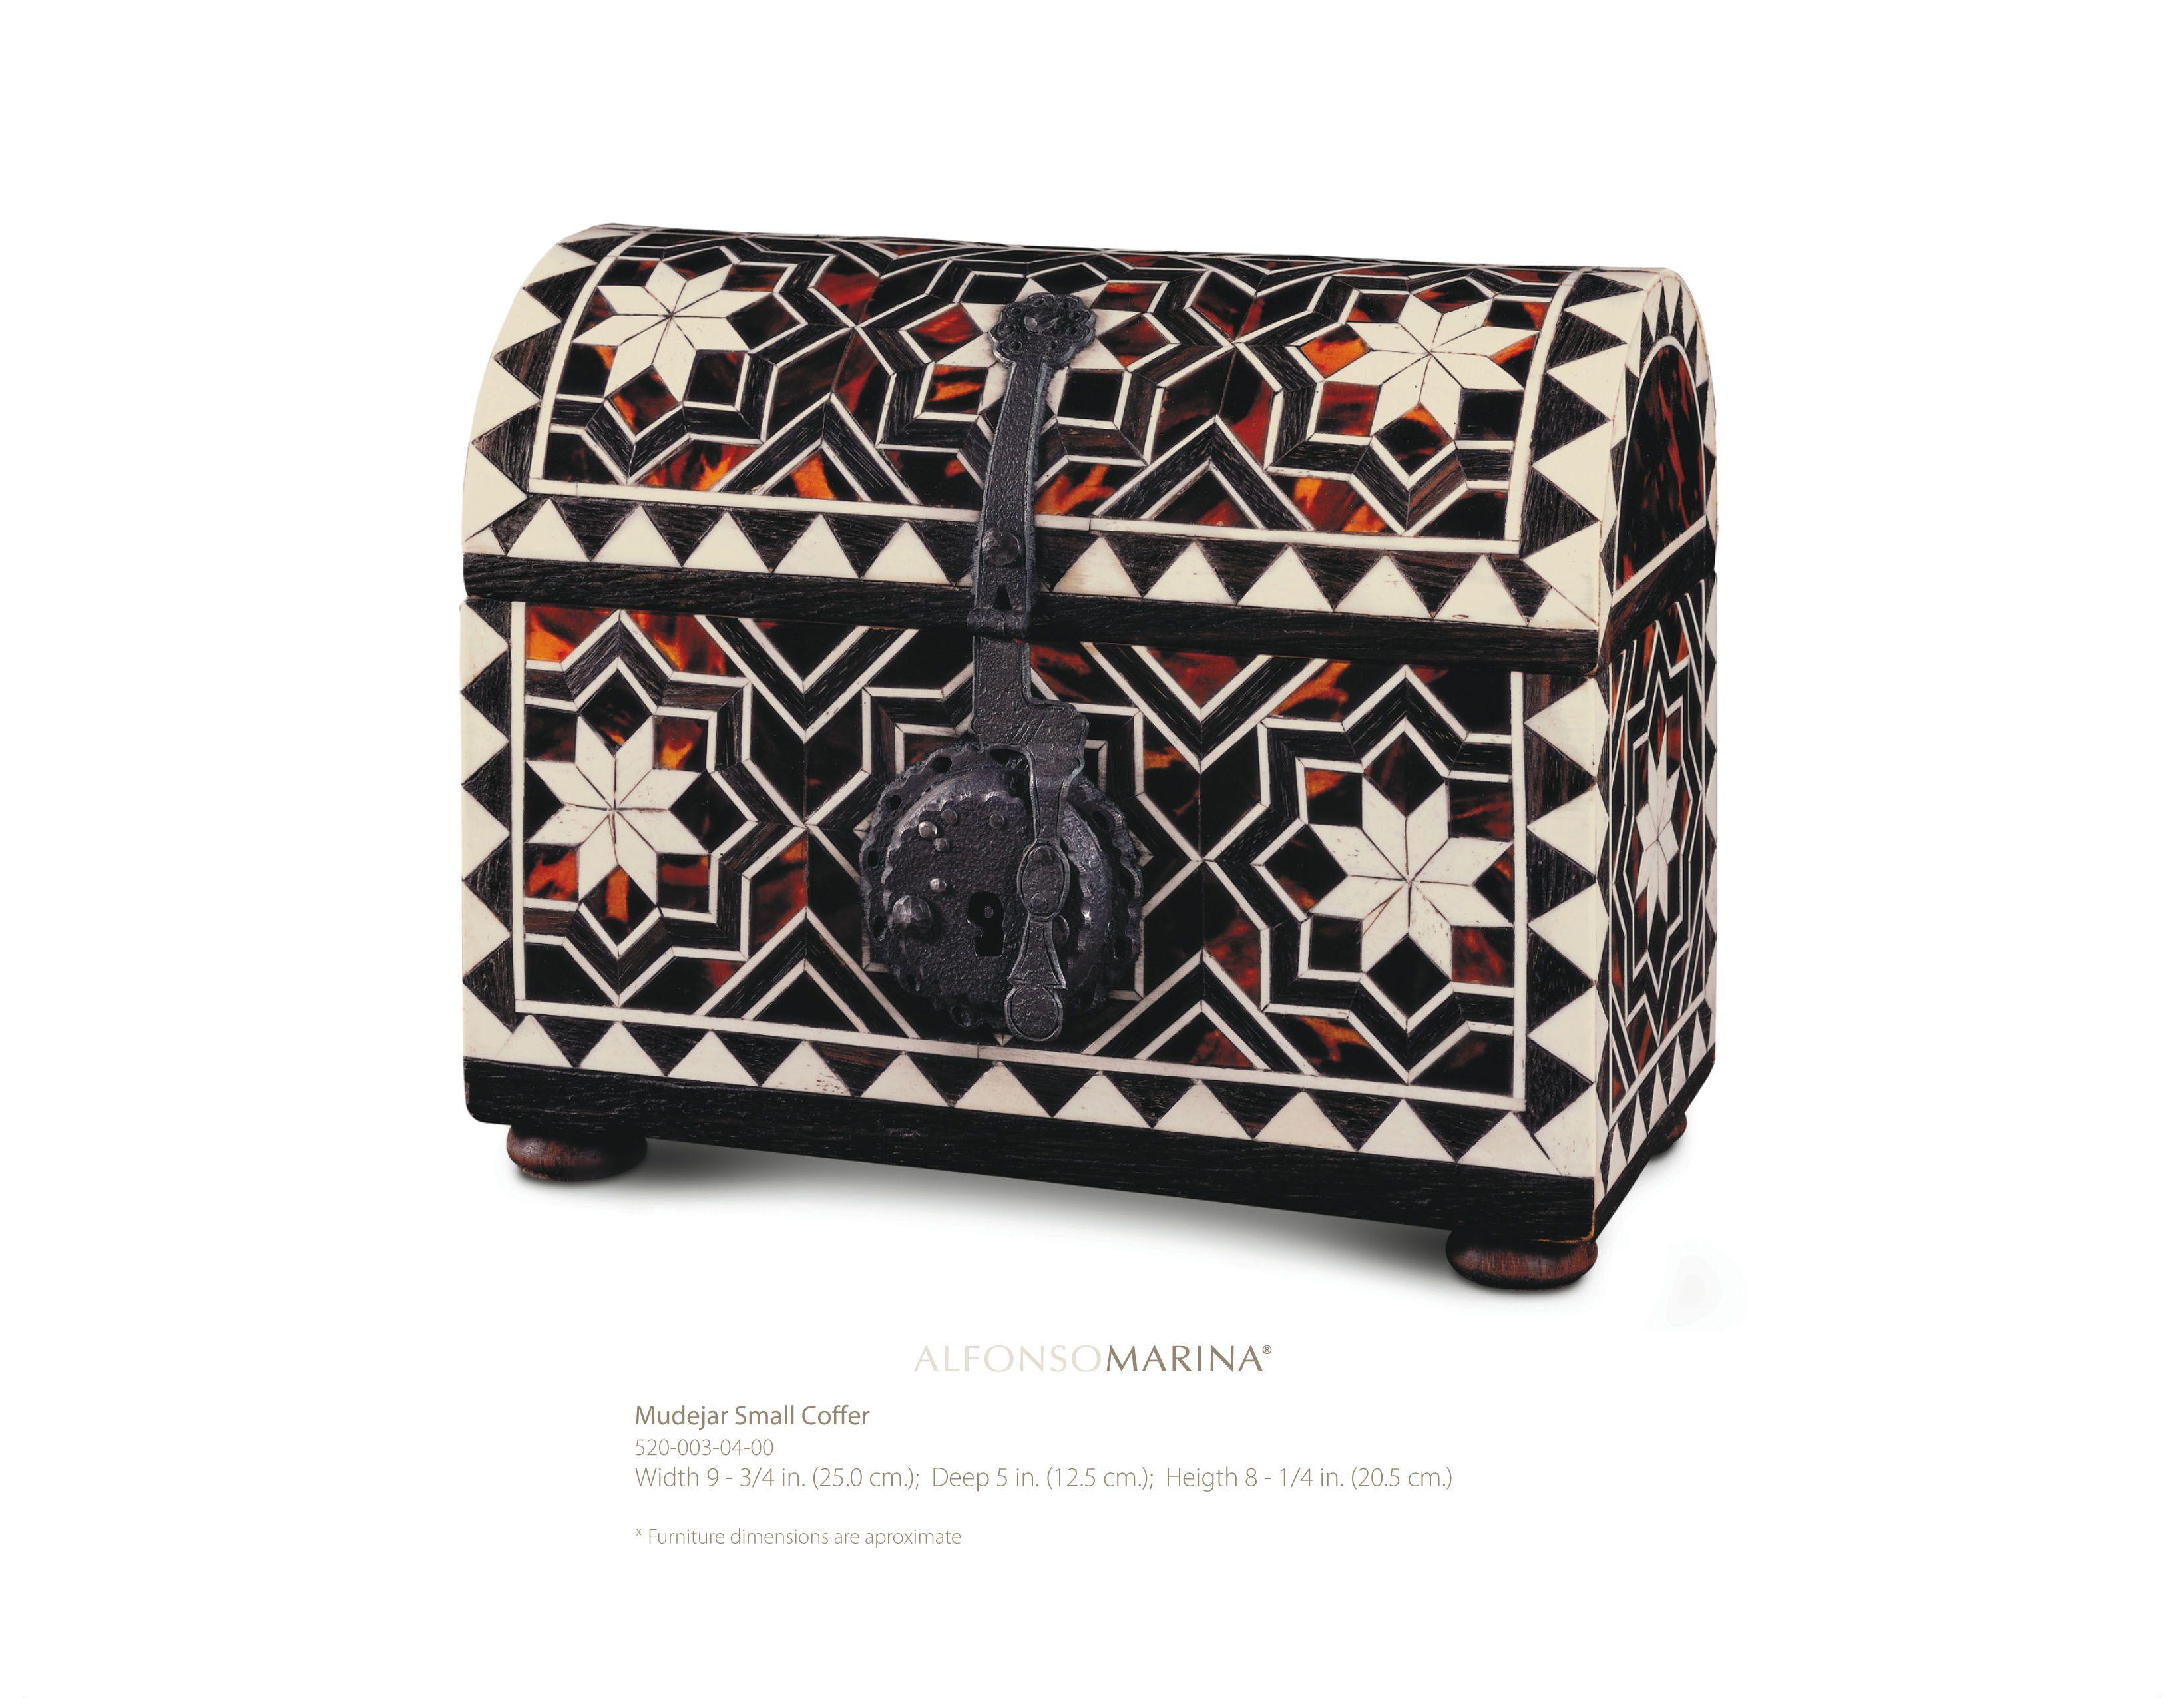 Mudejar Small Coffer By Alfonso Marina Ebanista Art Persan  # Muebles Mudejar